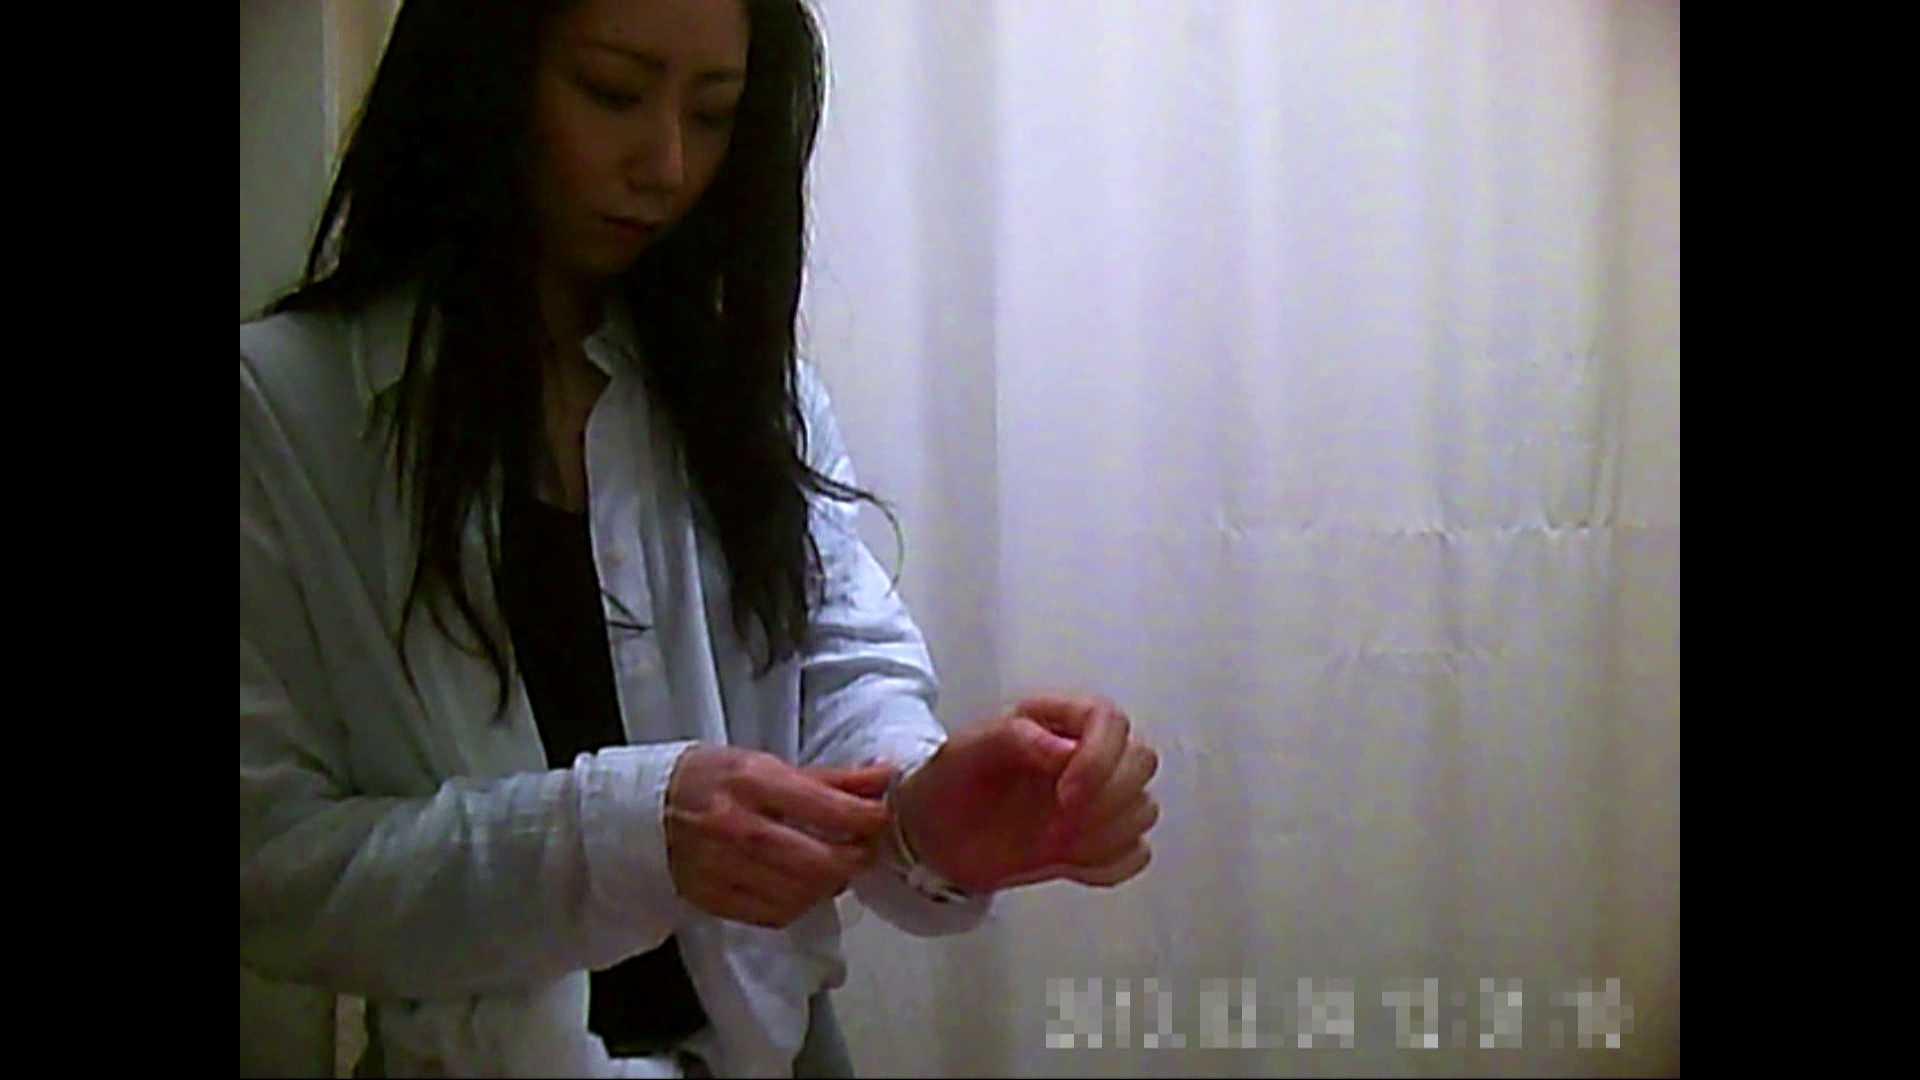 元医者による反抗 更衣室地獄絵巻 vol.102 OLの実態 | 0  86pic 35